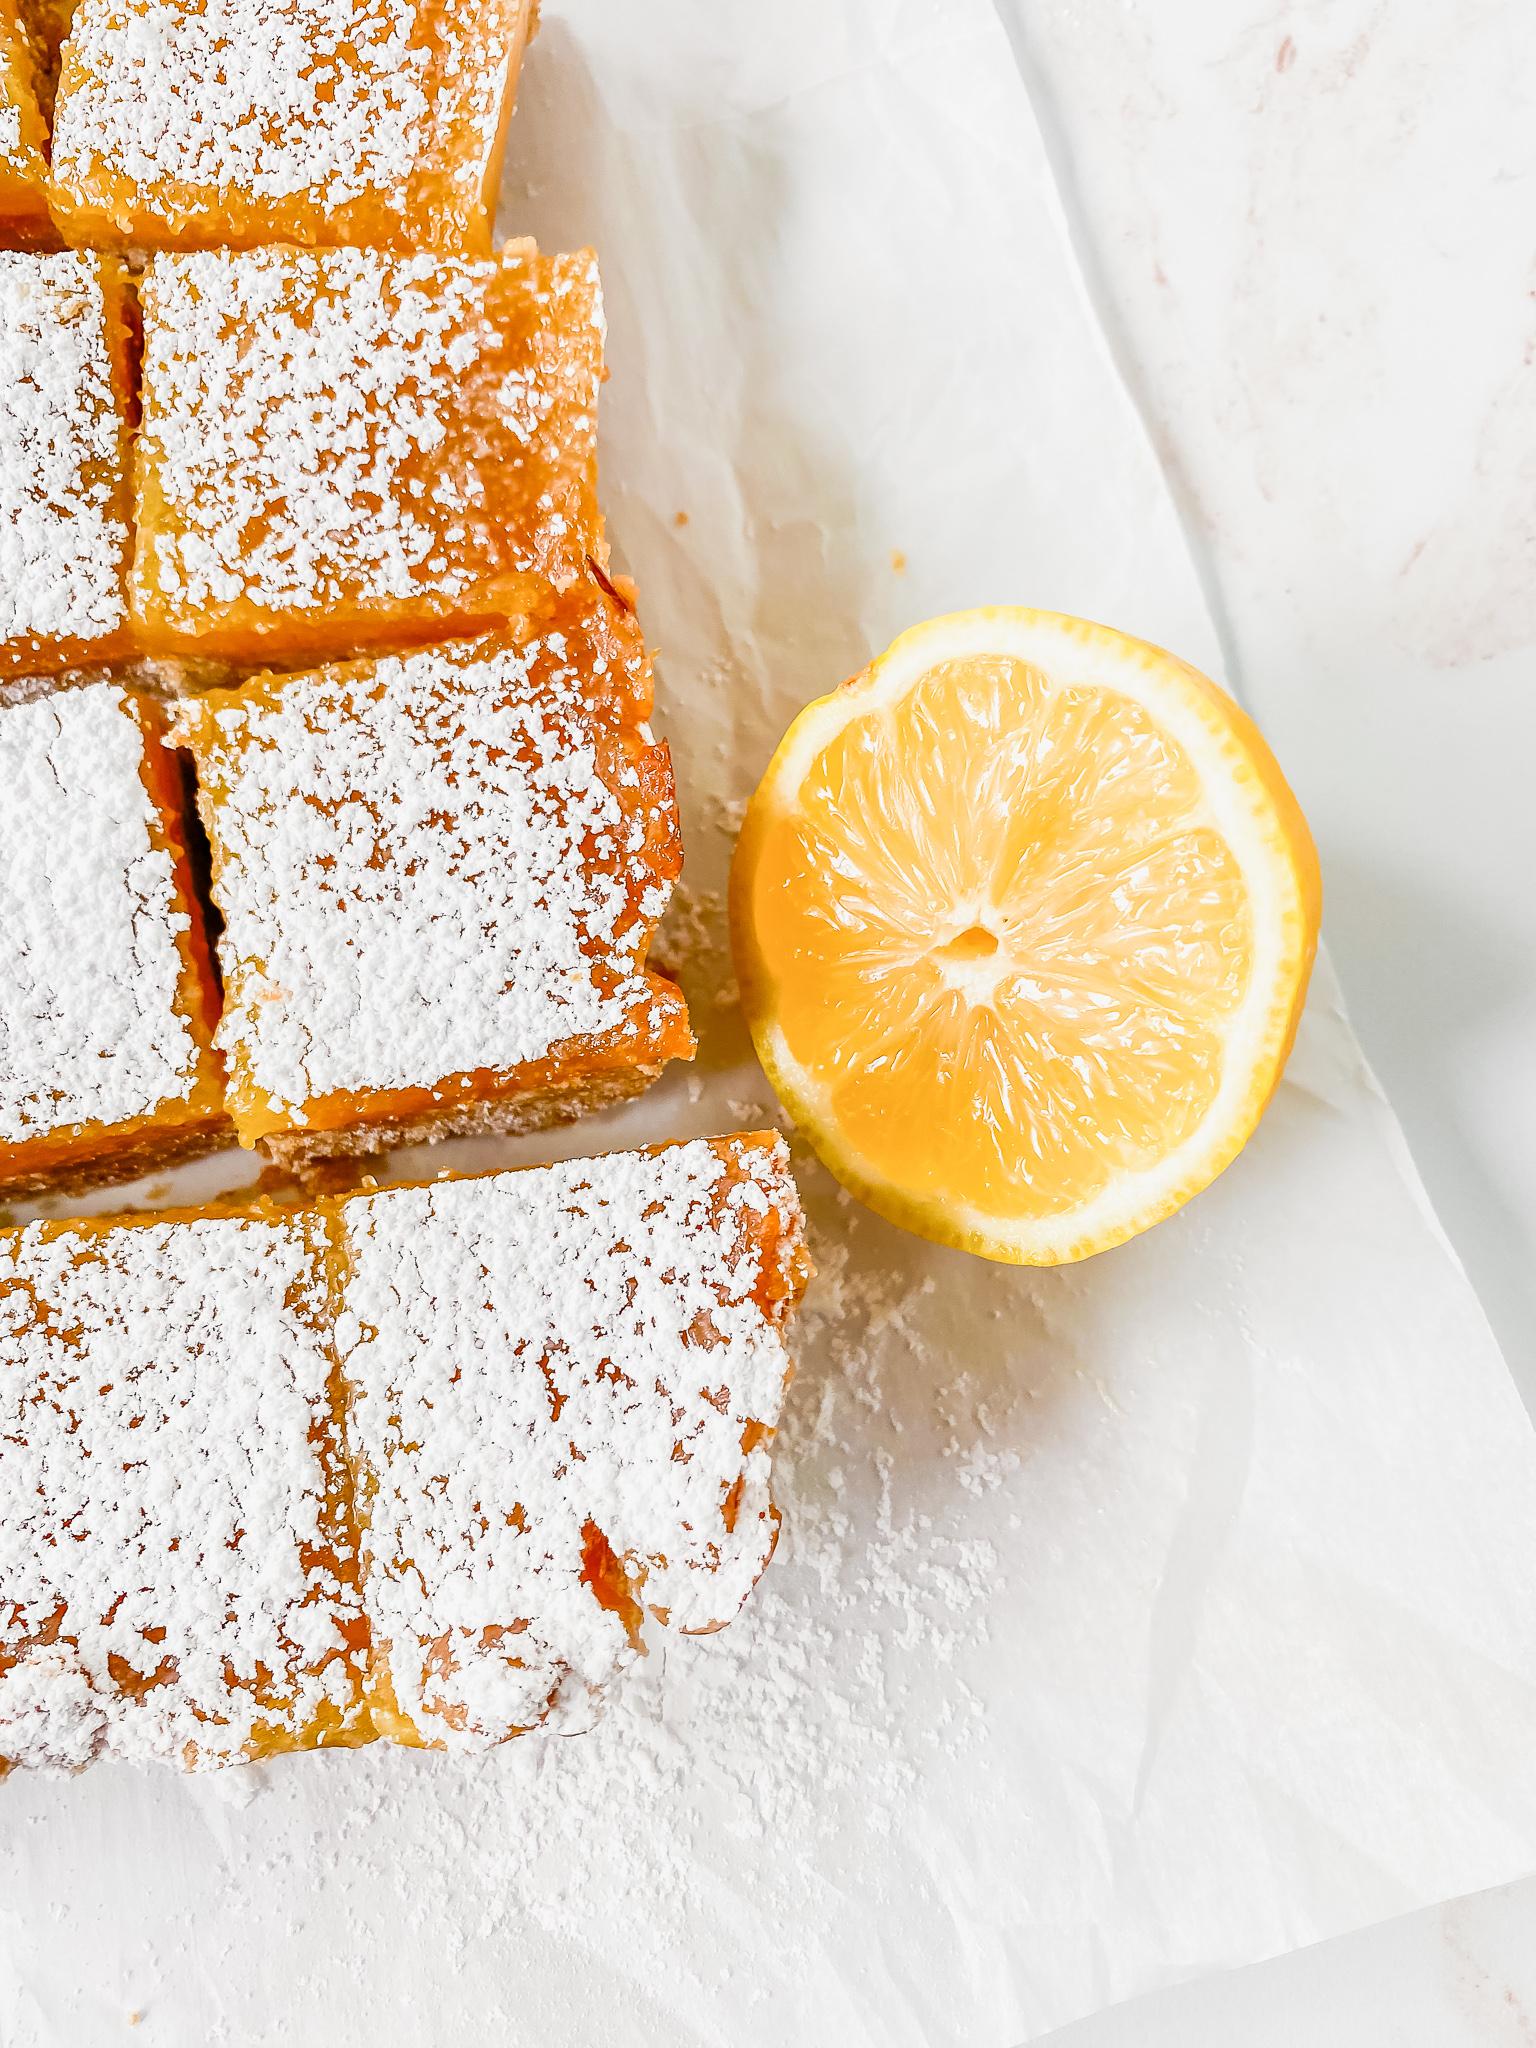 top view of lemon bars